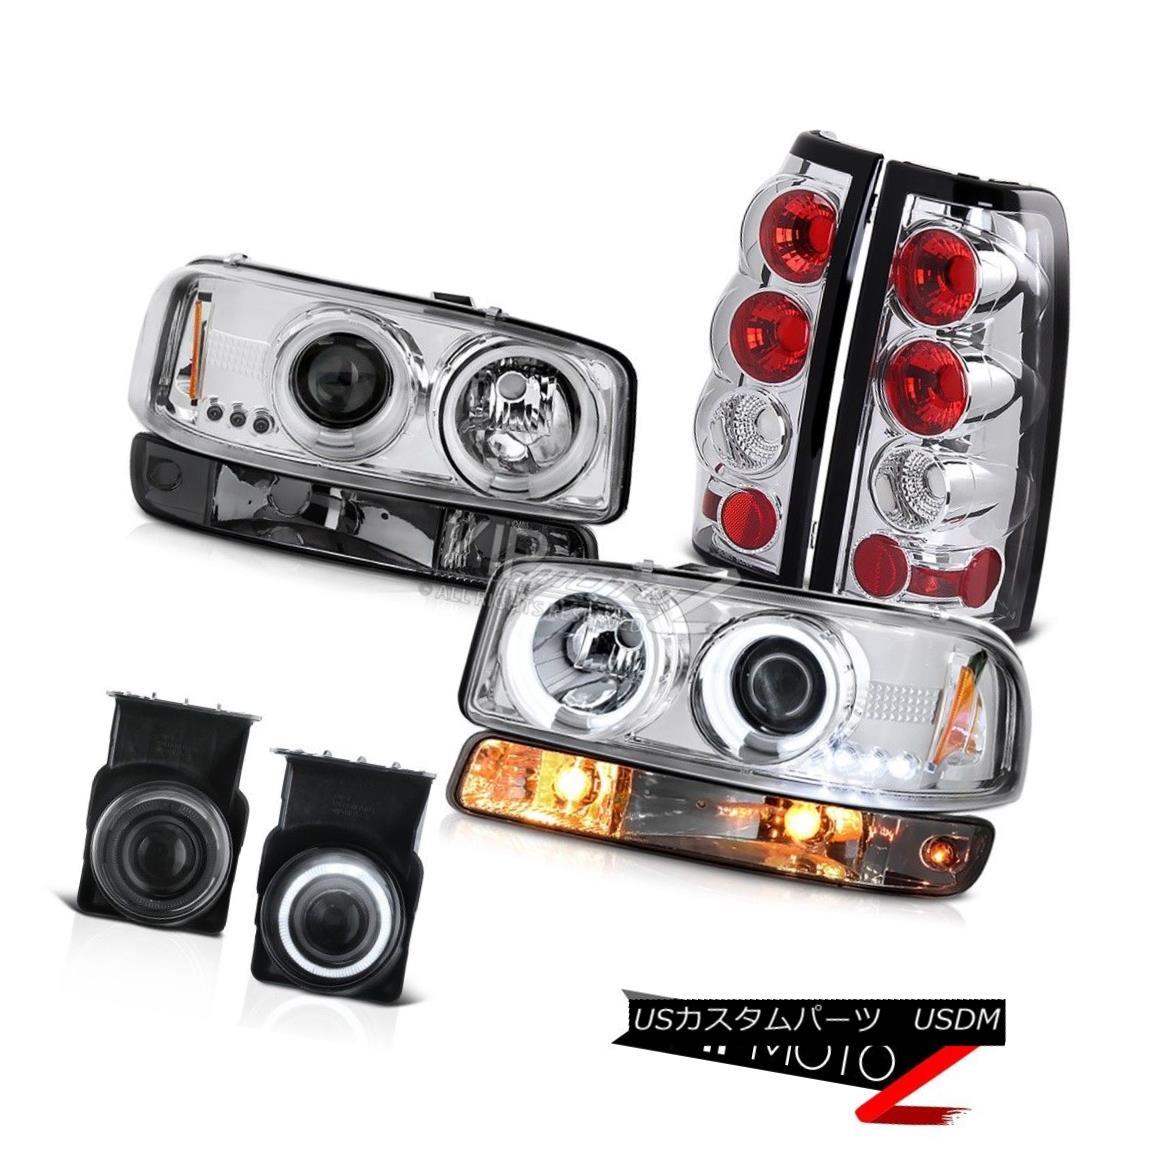 ヘッドライト 2003-2006 Sierra WT Foglamps taillights turn signal ccfl projector headlights 2003-2006シエラWTフォグランプテールライト信号ccflプロジェクターヘッドライト